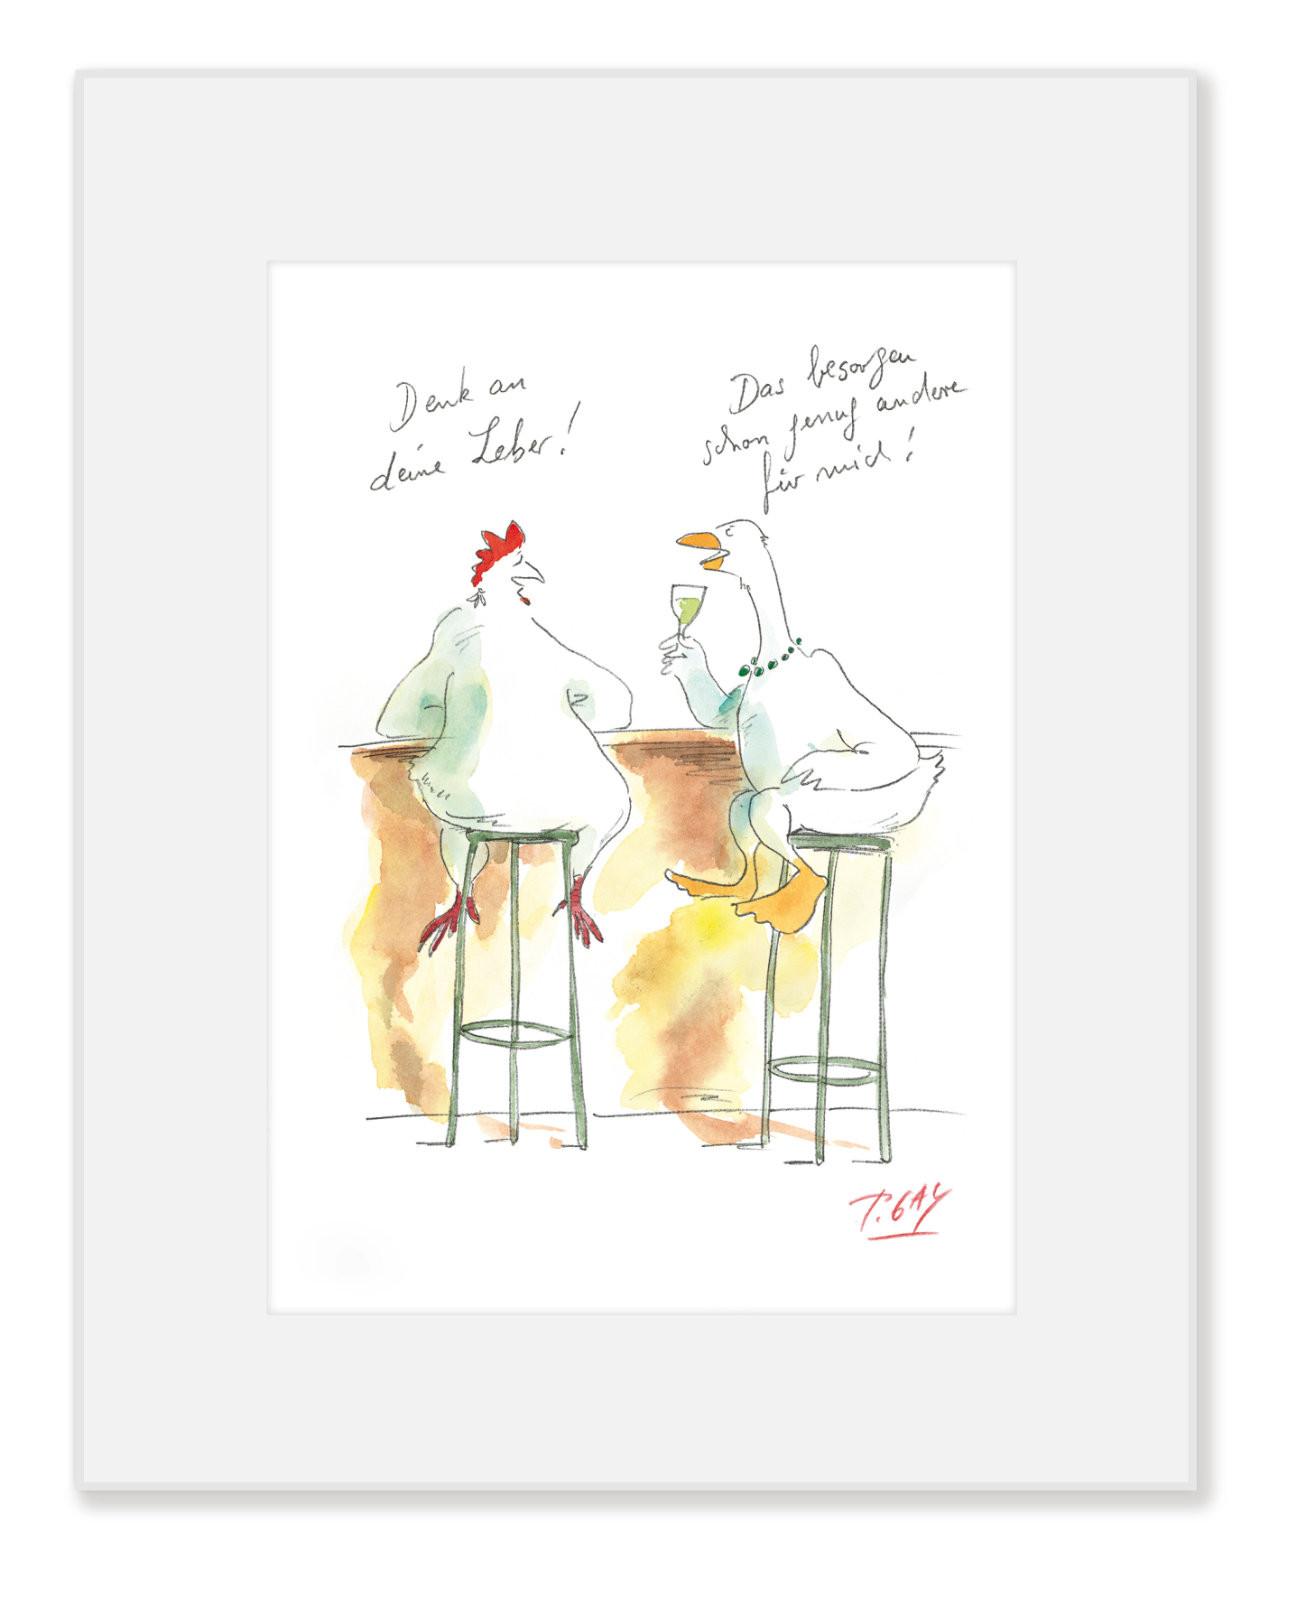 """Gaymann Kollektion Poster im Passepartout """"Denk an deine Leber"""", 24x30cm"""